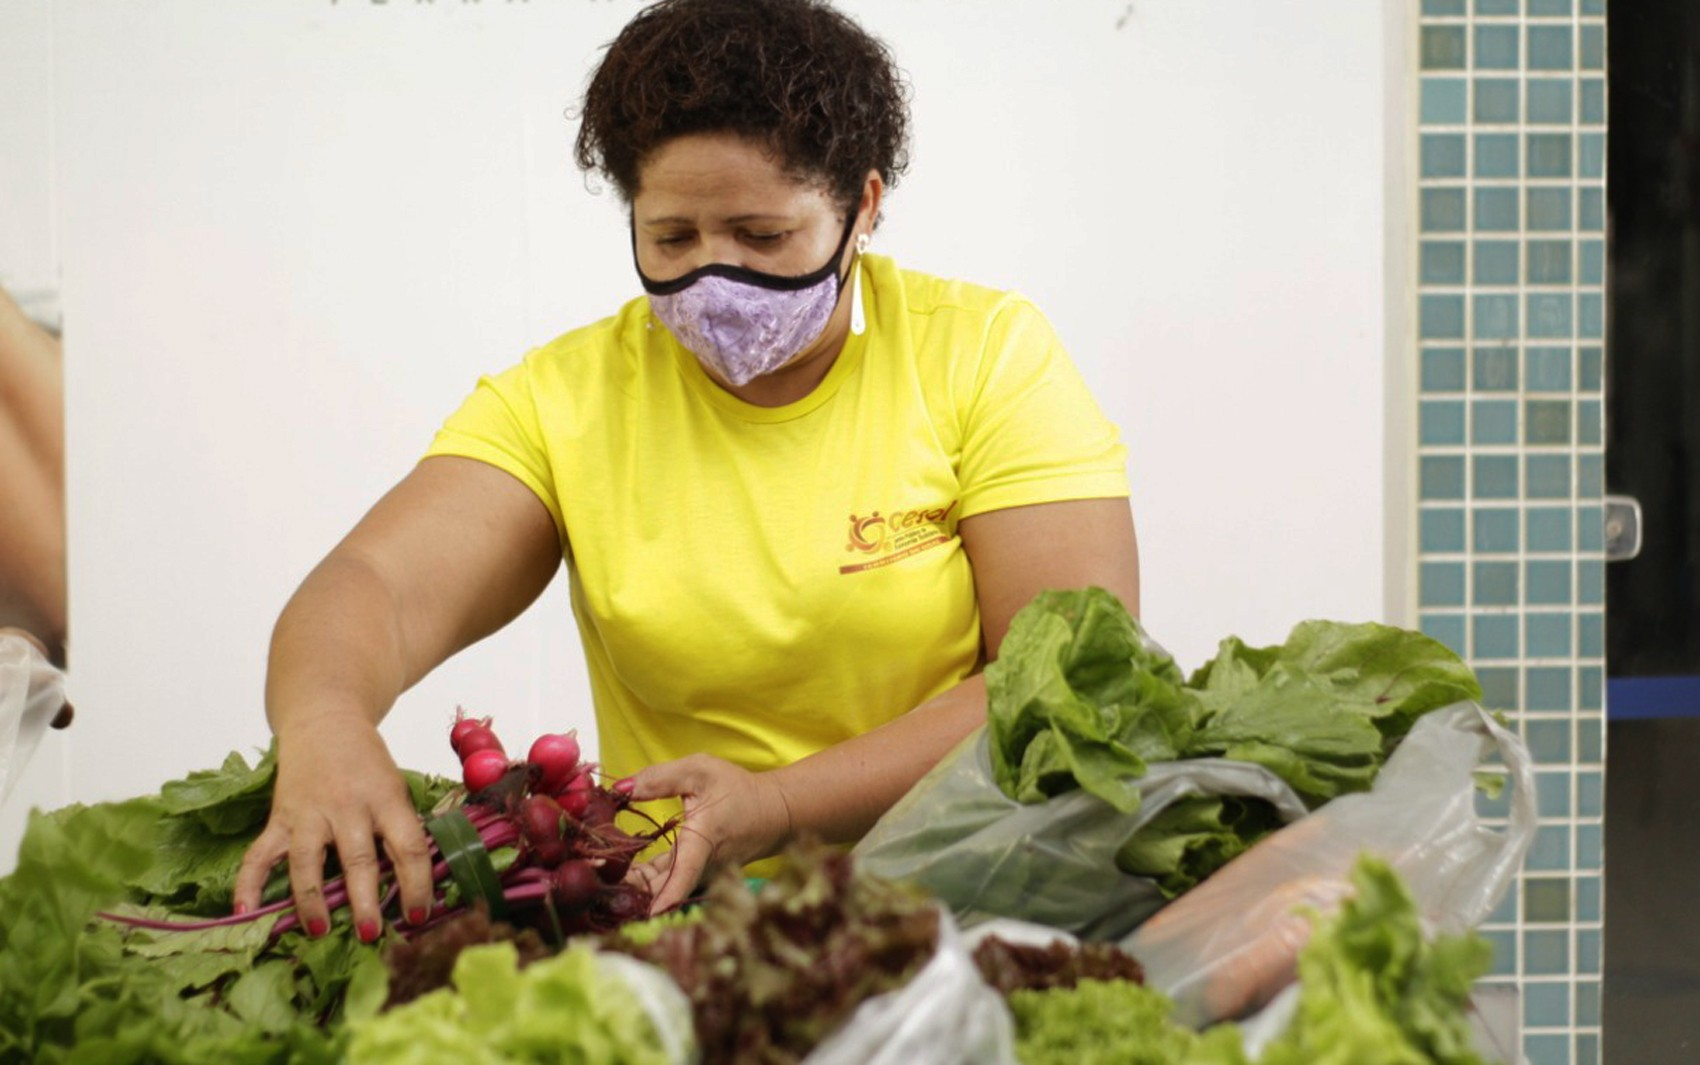 Com queda da demanda para costura de roupas juninas, baiana relata foco na agricultura familiar: 'Força para quem vive da roça'